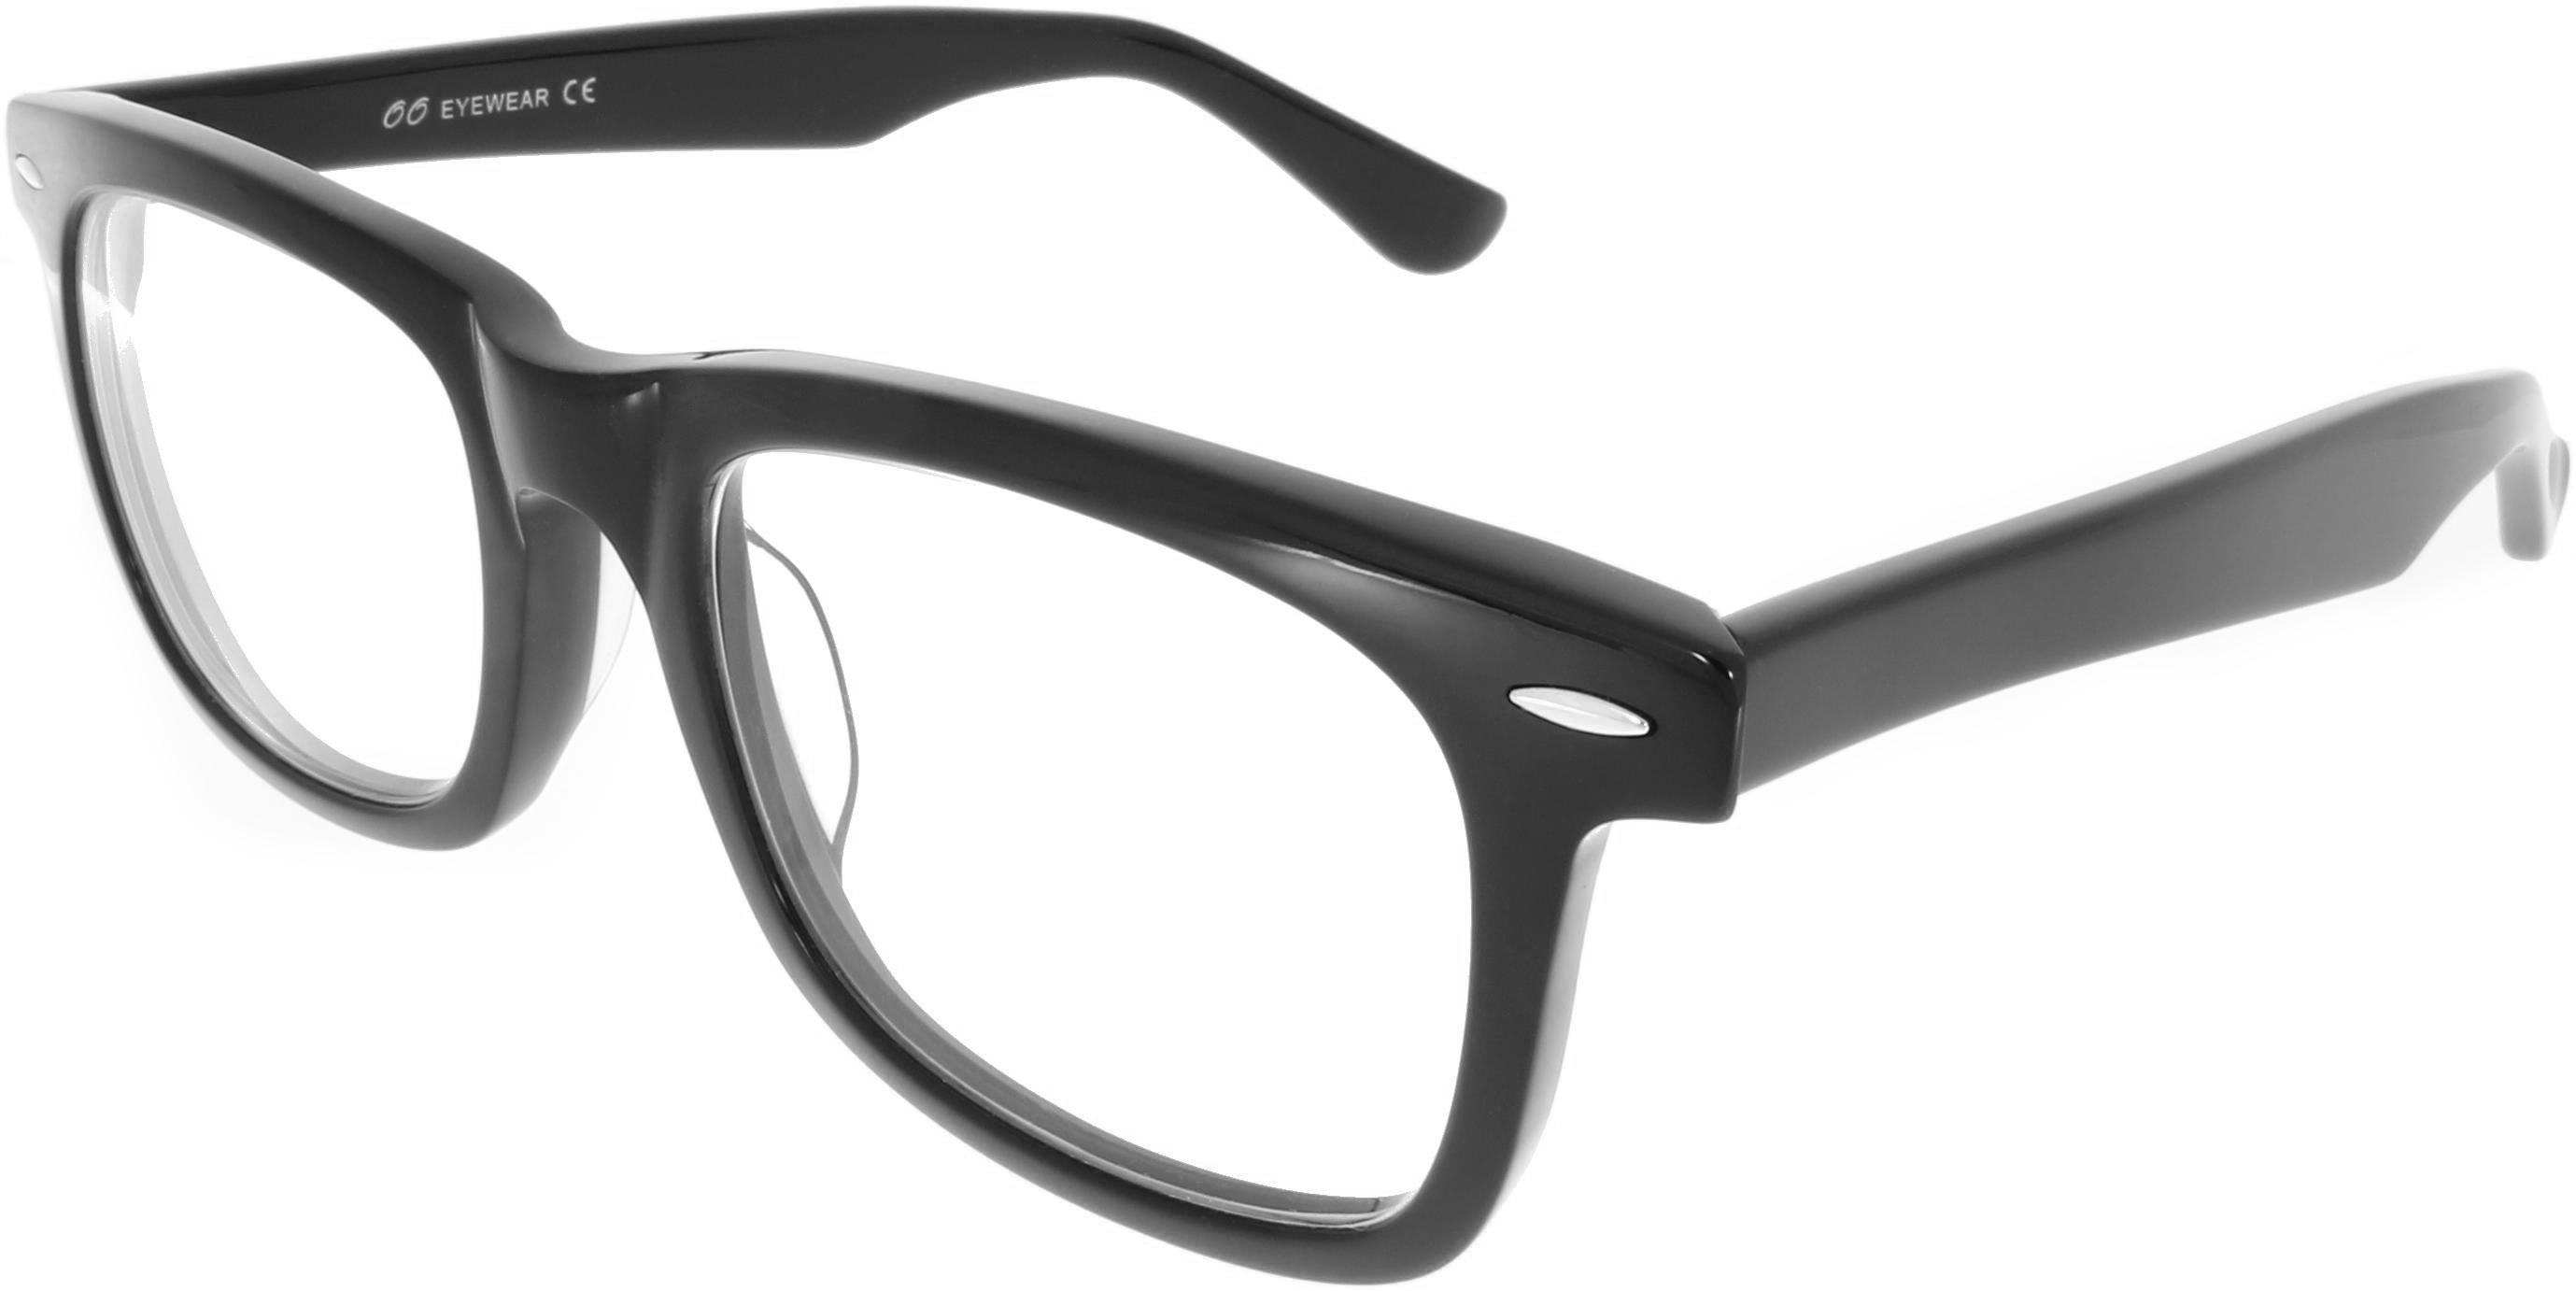 Große Brillenfassungen bei my-Spexx.de - Große Brillen